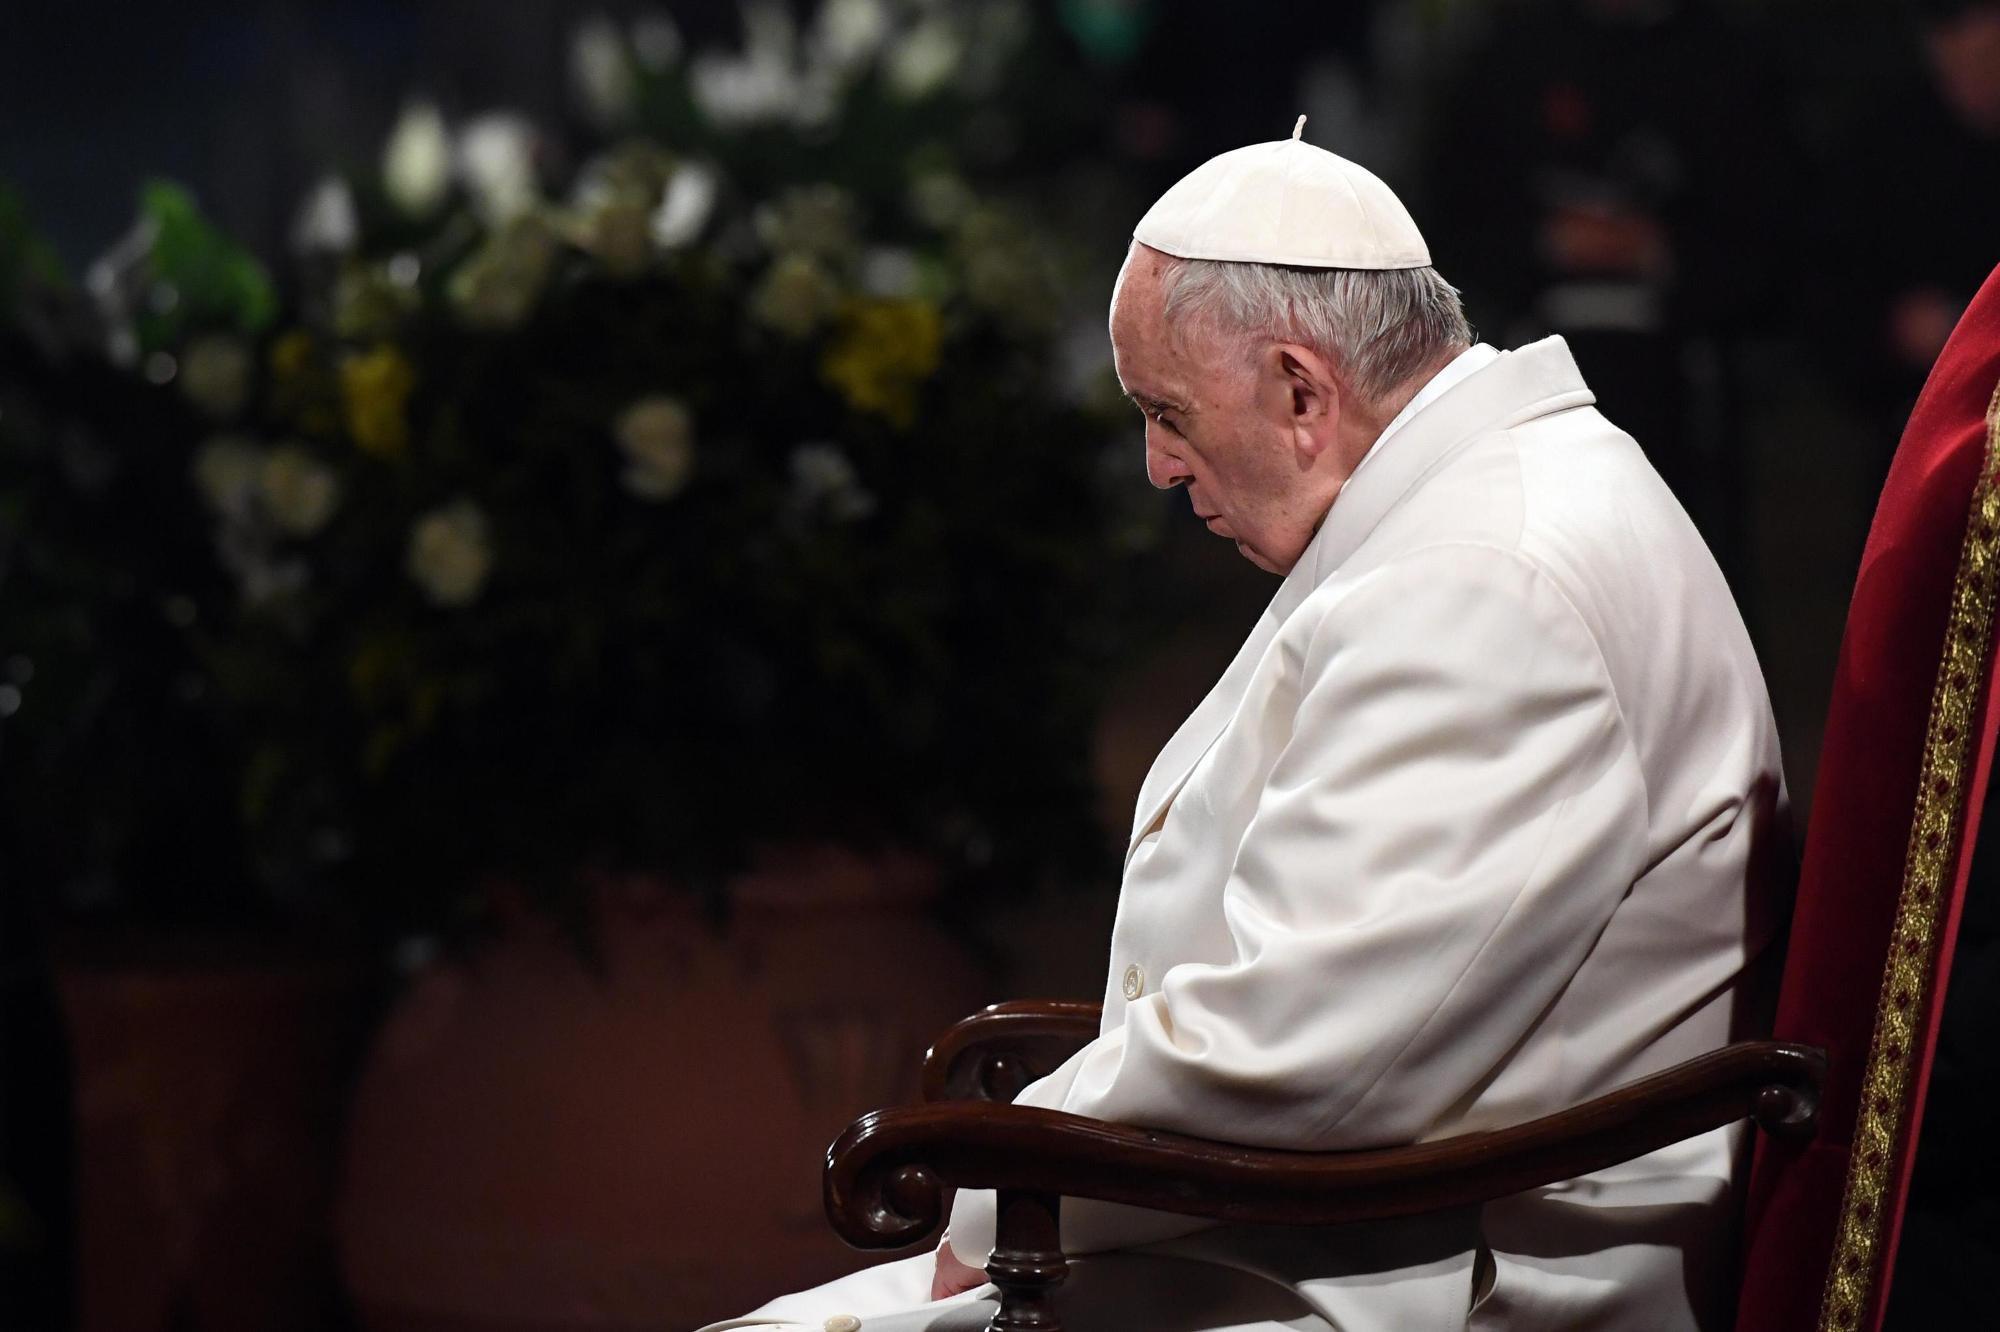 Roma, 20mila fedeli per la Via Crucis presieduta da Papa Francesco